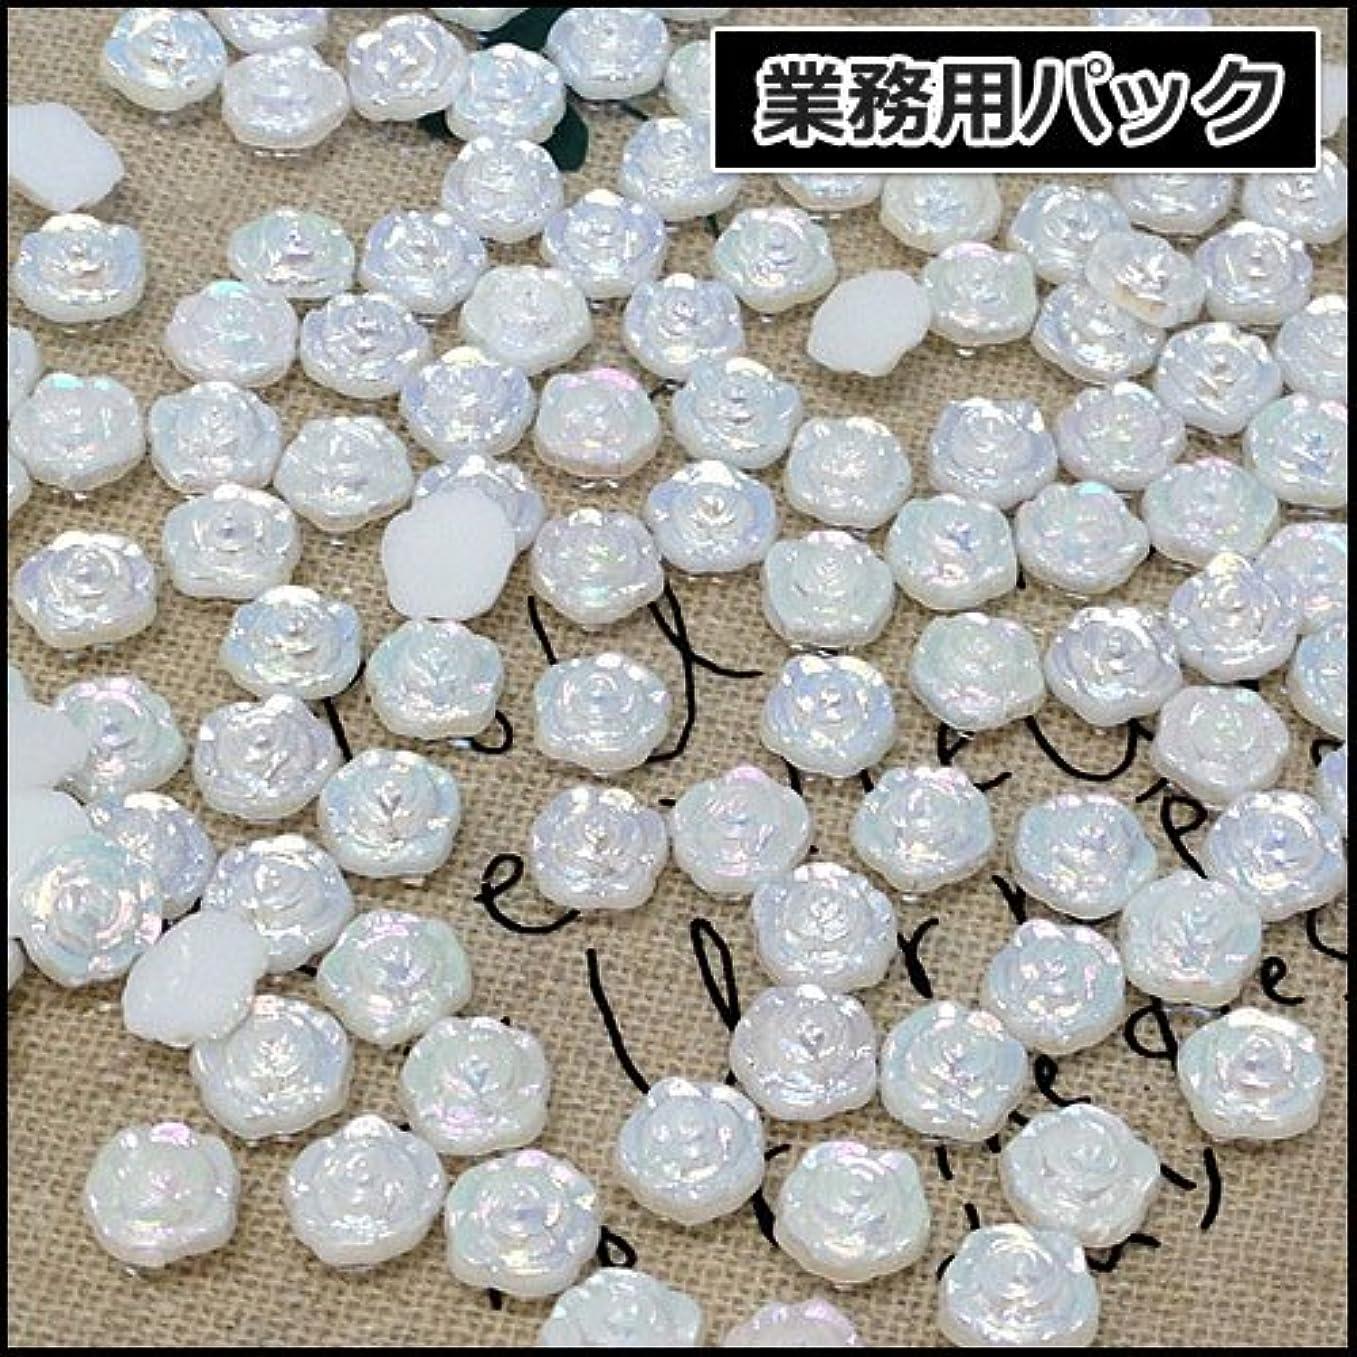 たくさん素朴な穴【業務用】パール調ミニ薔薇7mm「ホワイト」50個入り